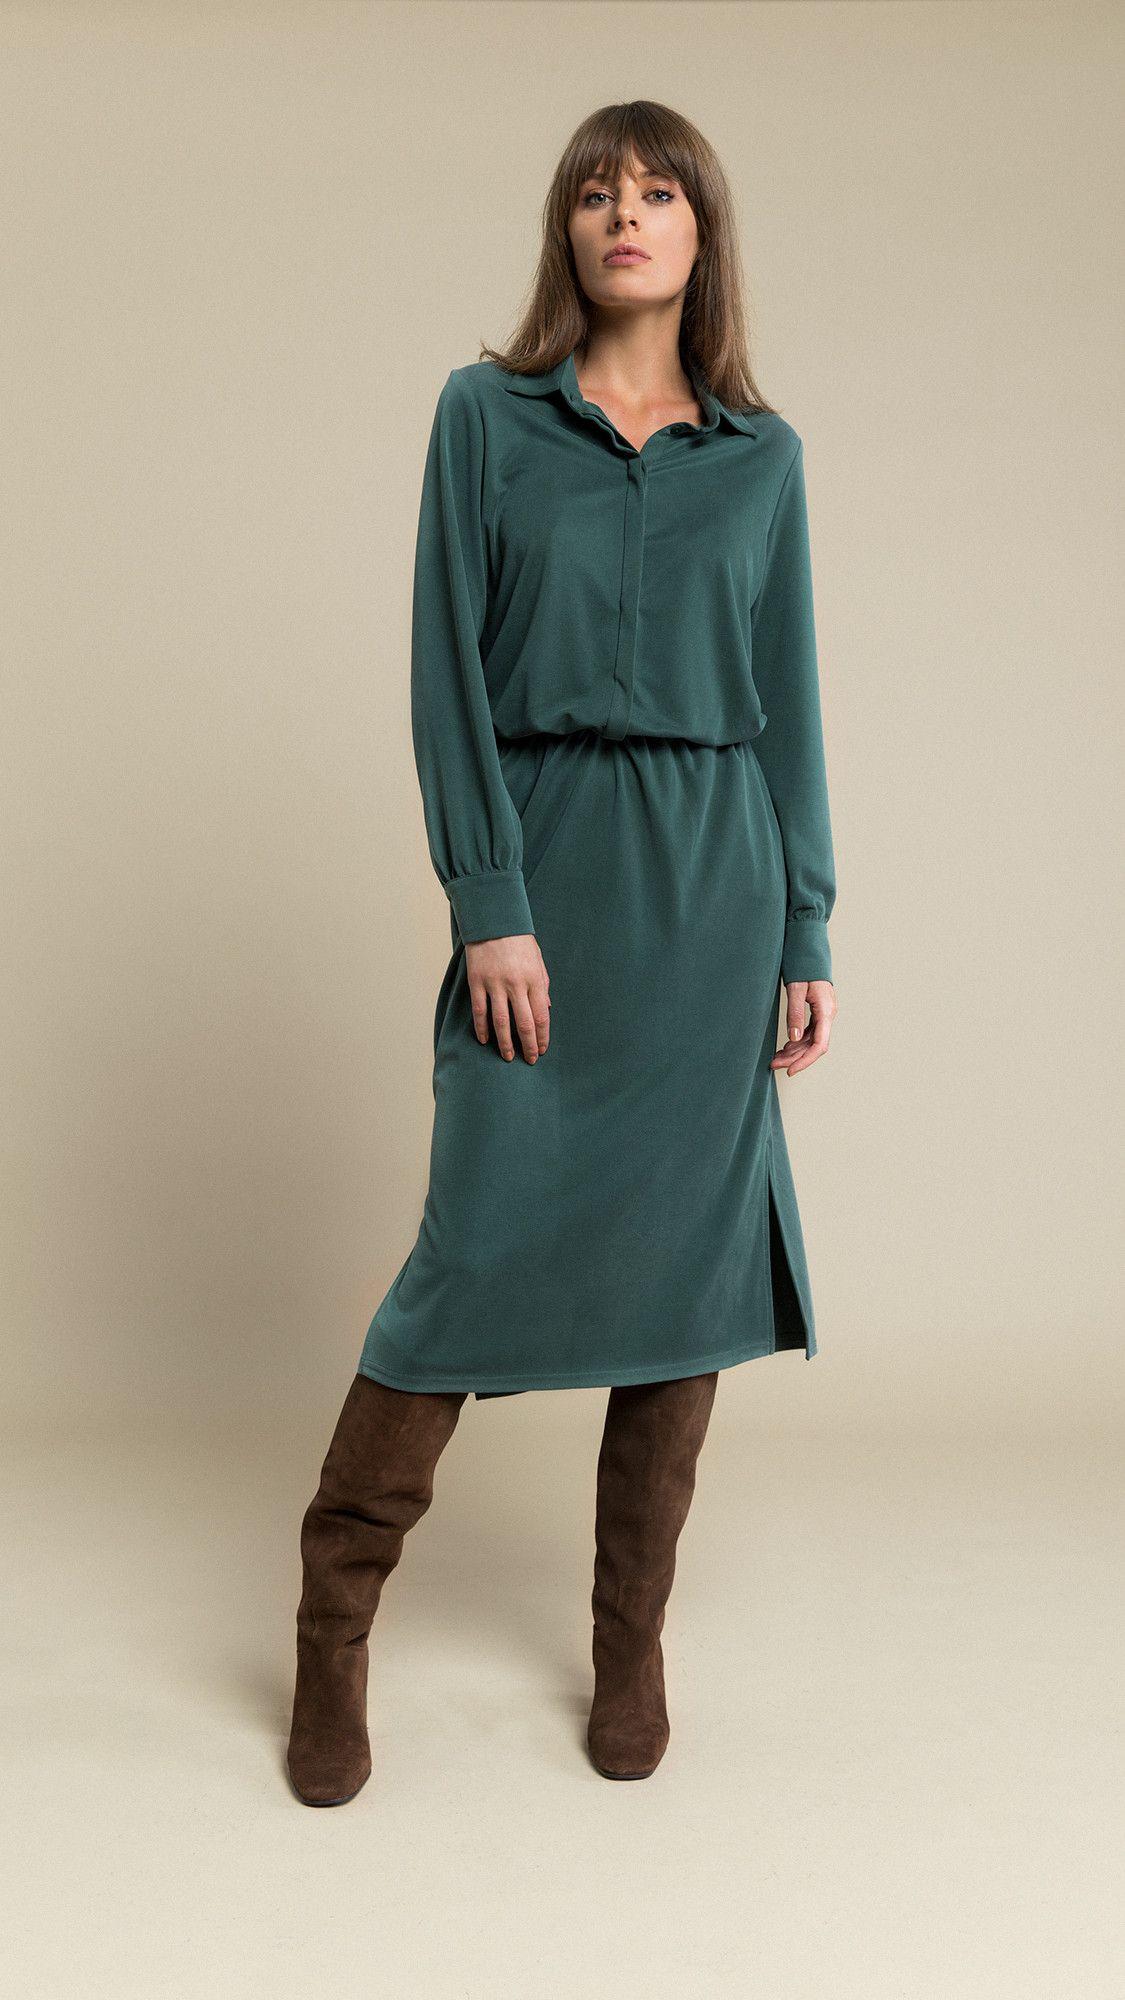 Dress Linda Bottle Green